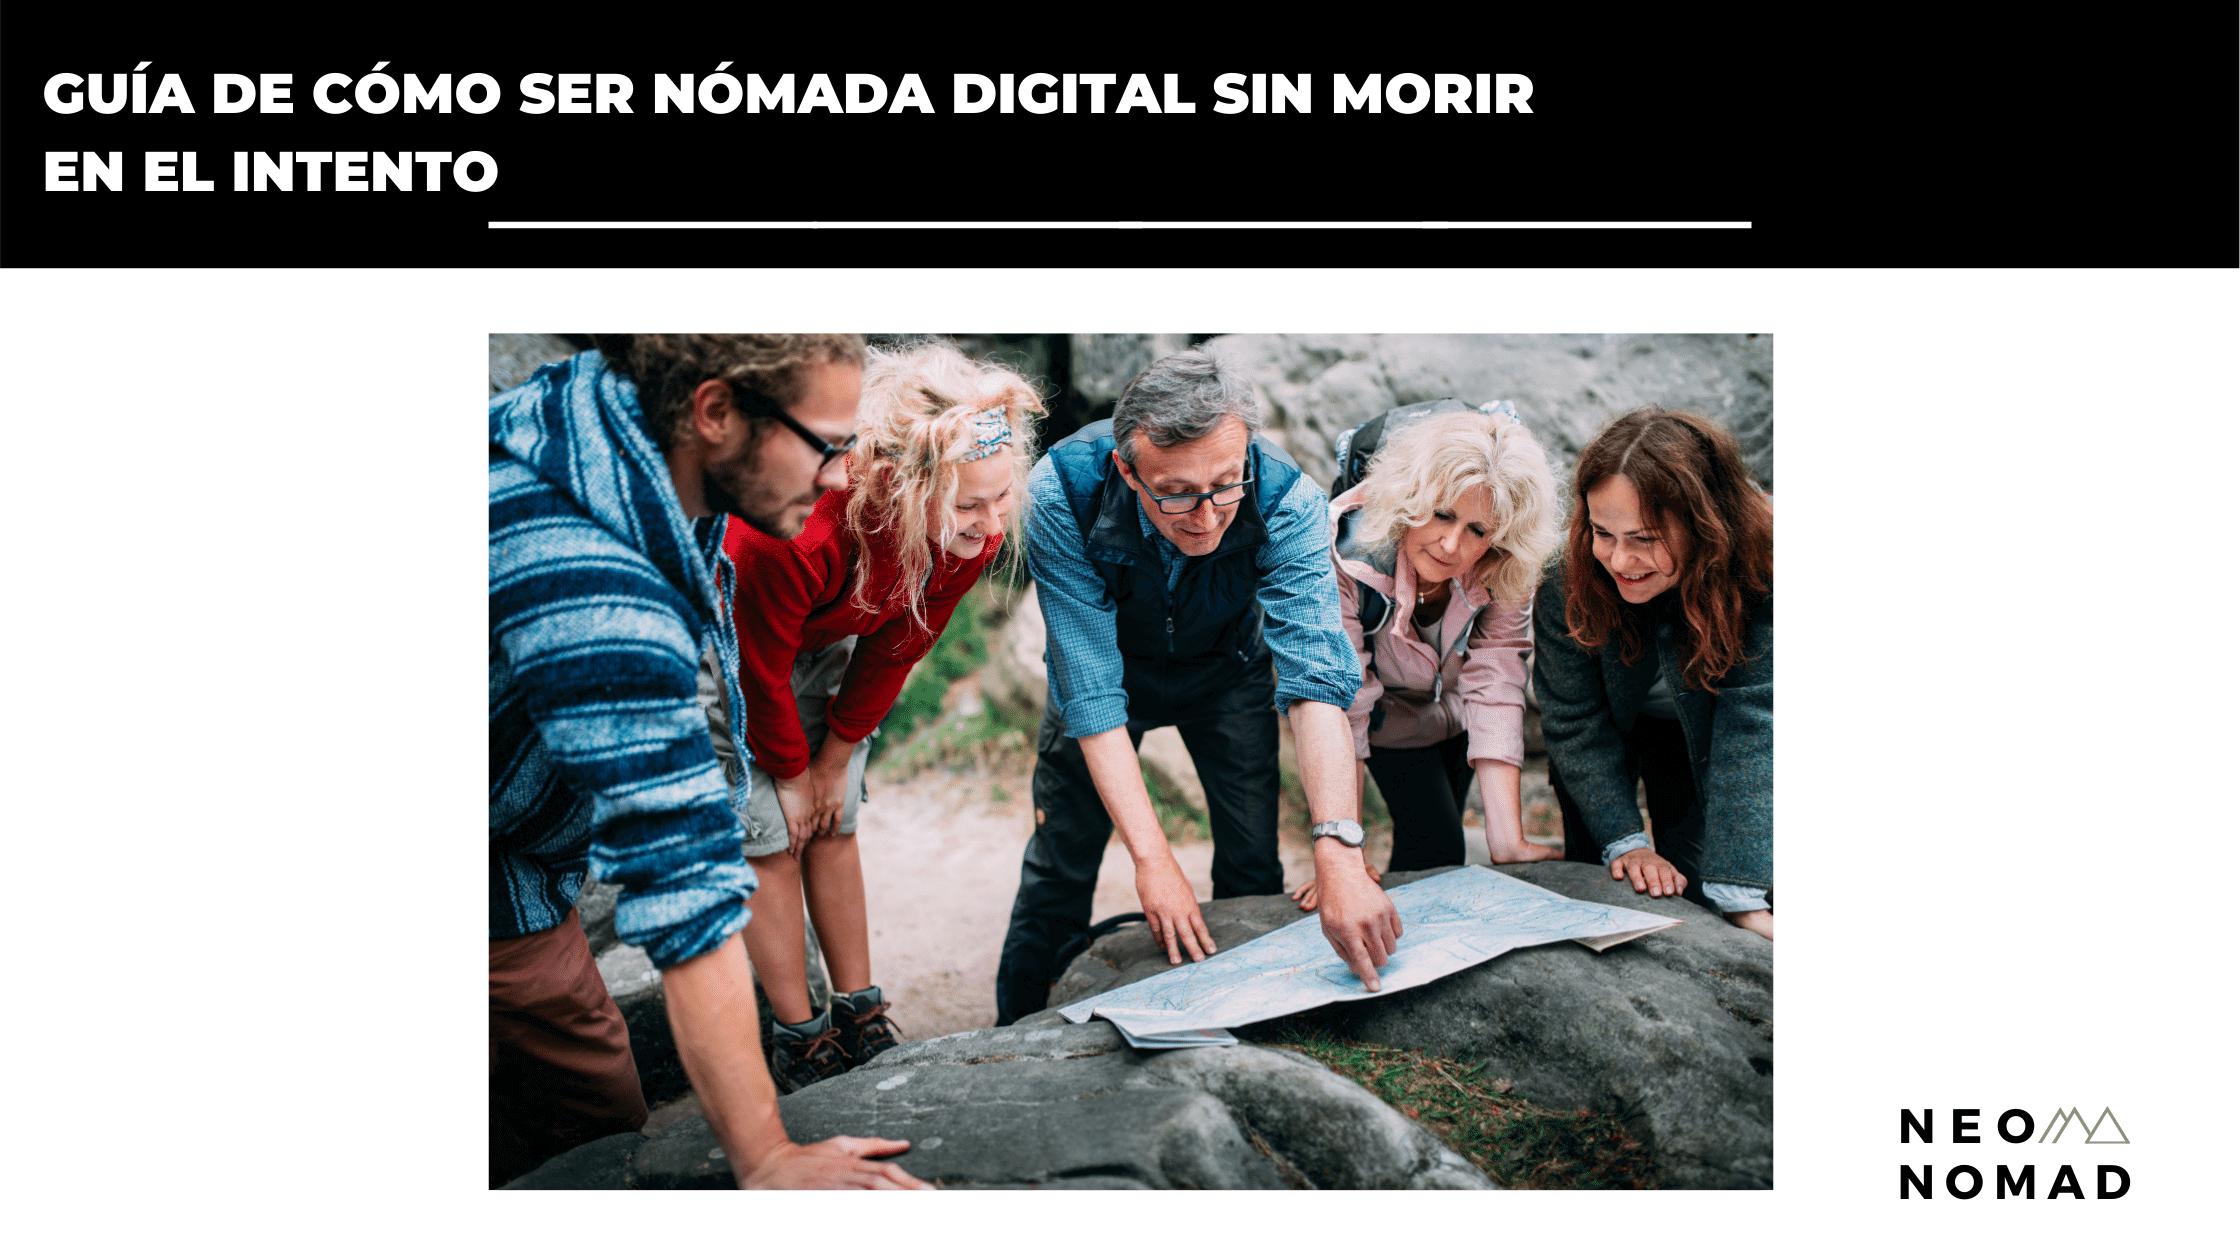 Guía nómada digital